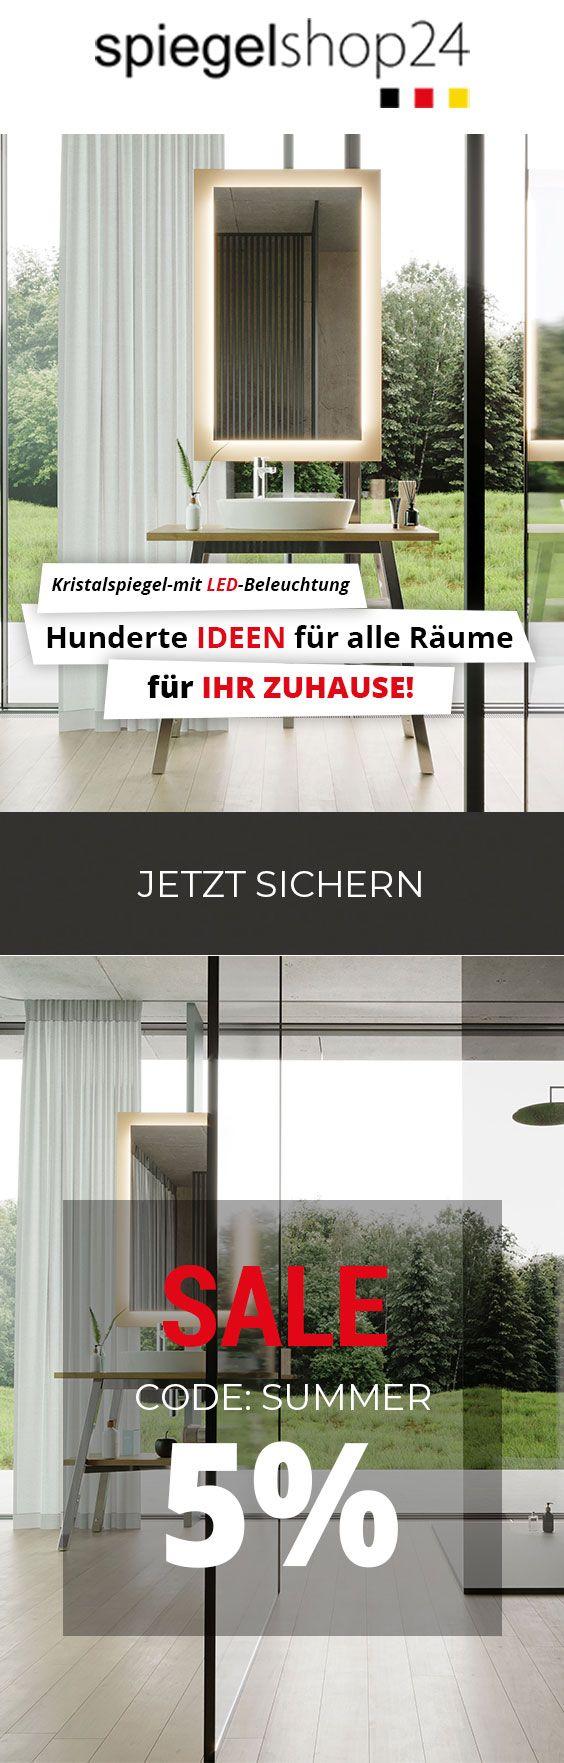 Pin Von Spiegel Shop24 Auf Spiegel In 2020 Badspiegel Spiegel Badezimmerspiegel